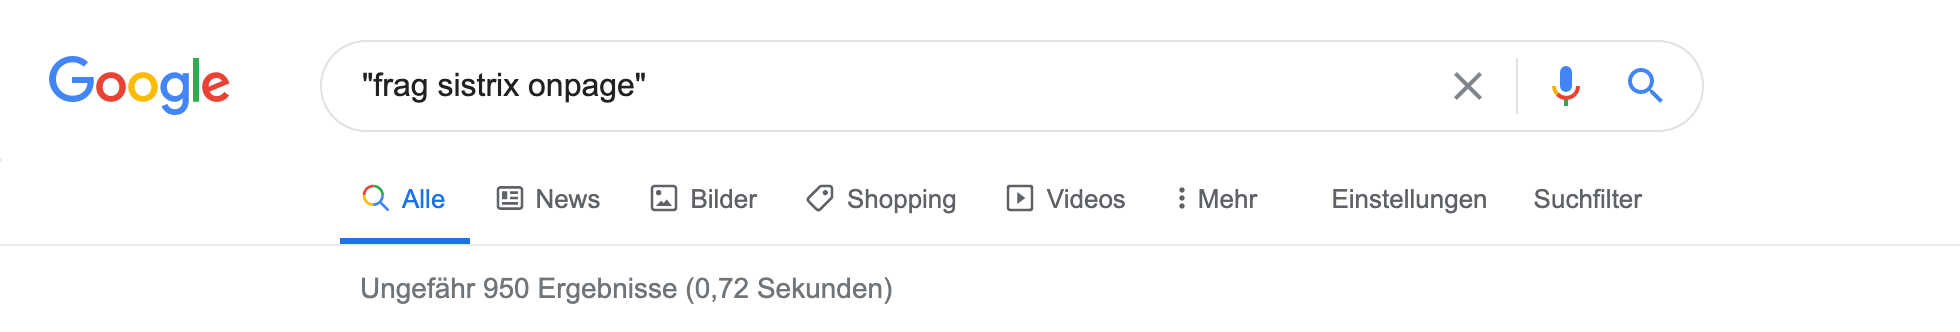 """Zeigt eine Beispiel-Google-Suche für das Keyword """"frag sistrix onpage"""" mit Anführungszeichen an."""